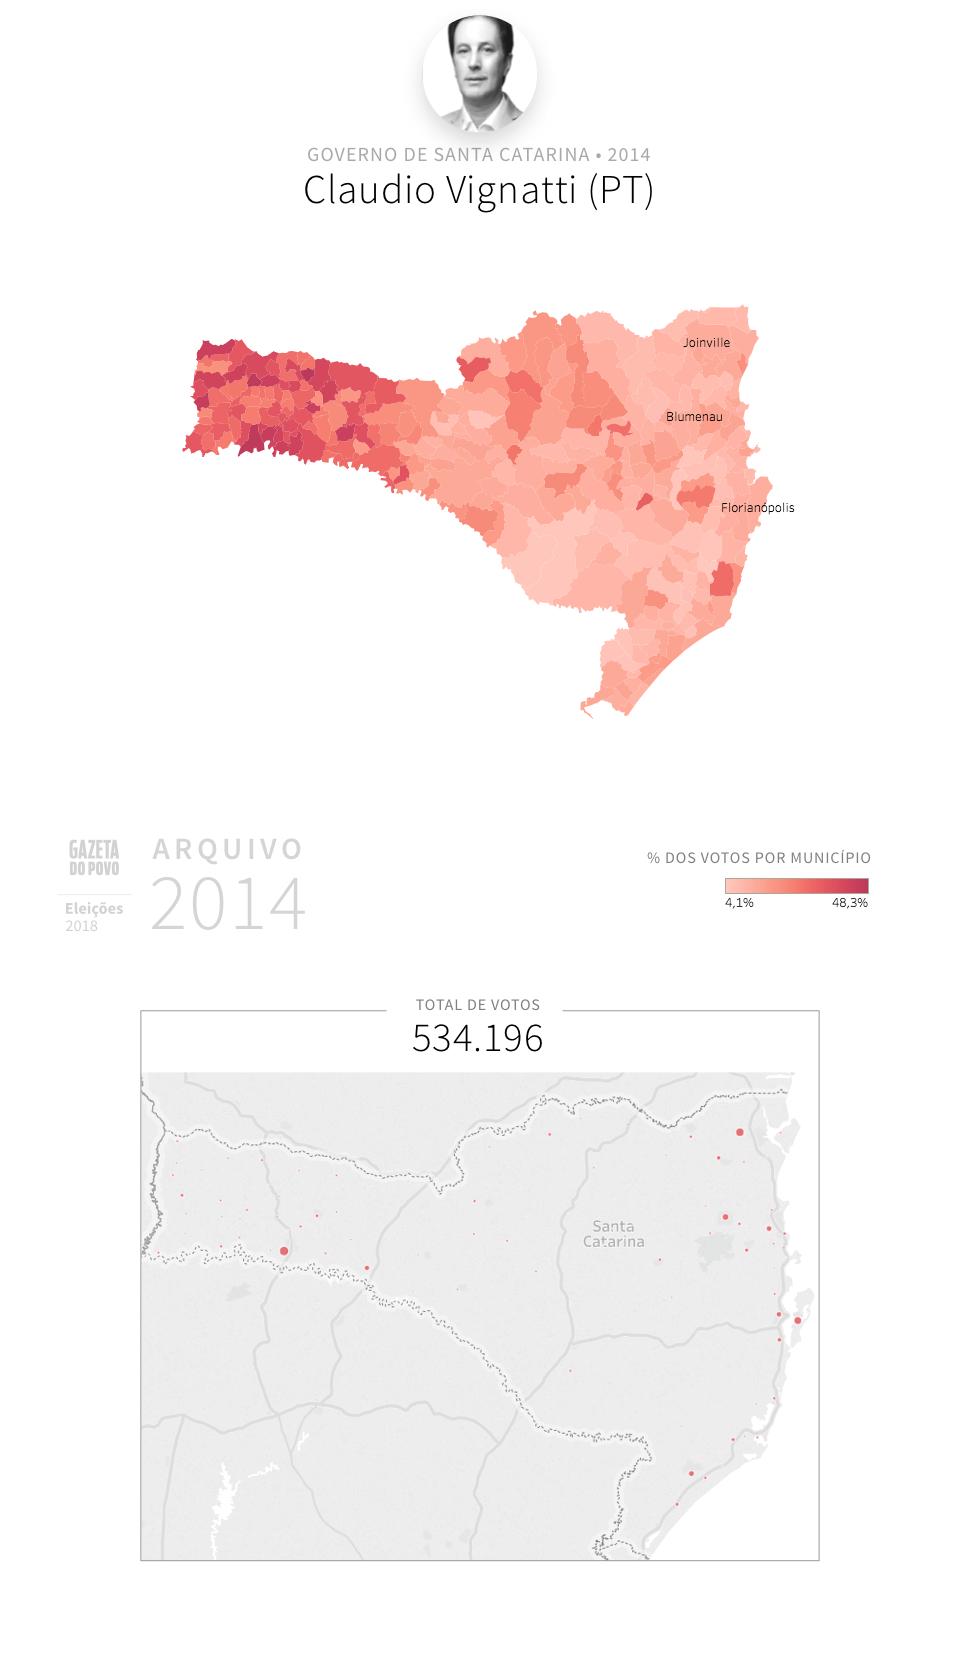 Desempenho do PT em Santa Catarina em 2014, na eleição para governador de Santa Catarina. Em % do total de votos em cada município.